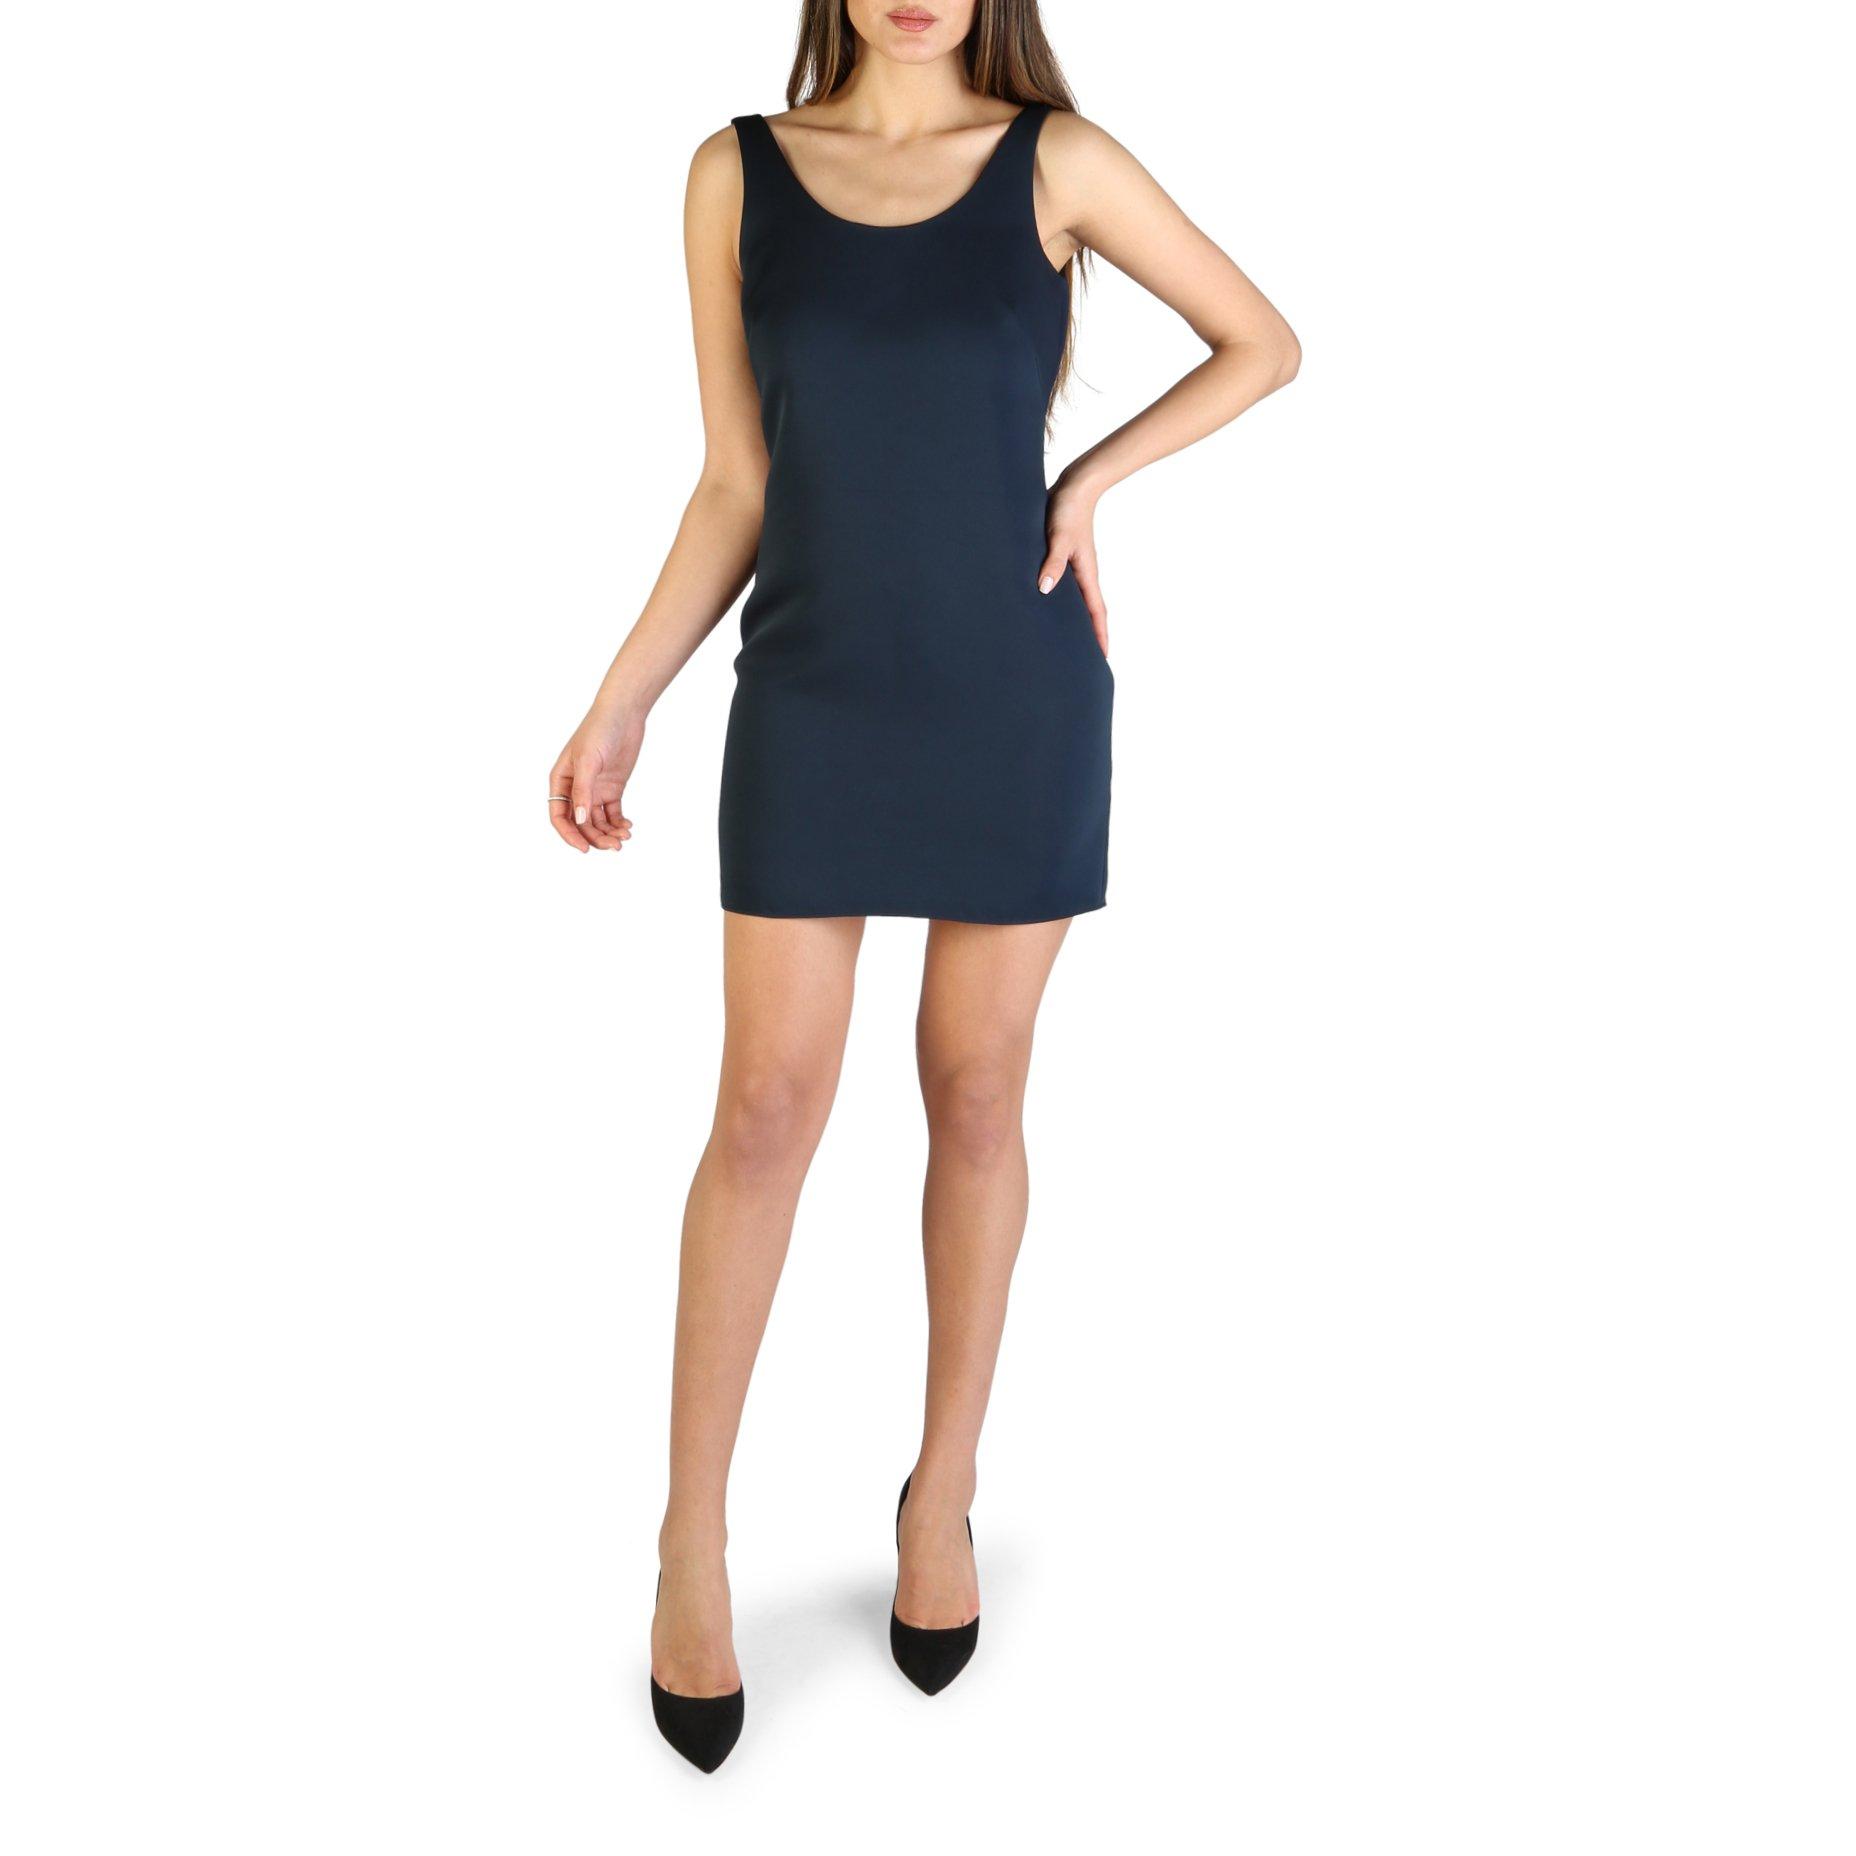 Armani Exchange Women's Dress Various Colours 3ZYA16_YNBAZ - blue 0